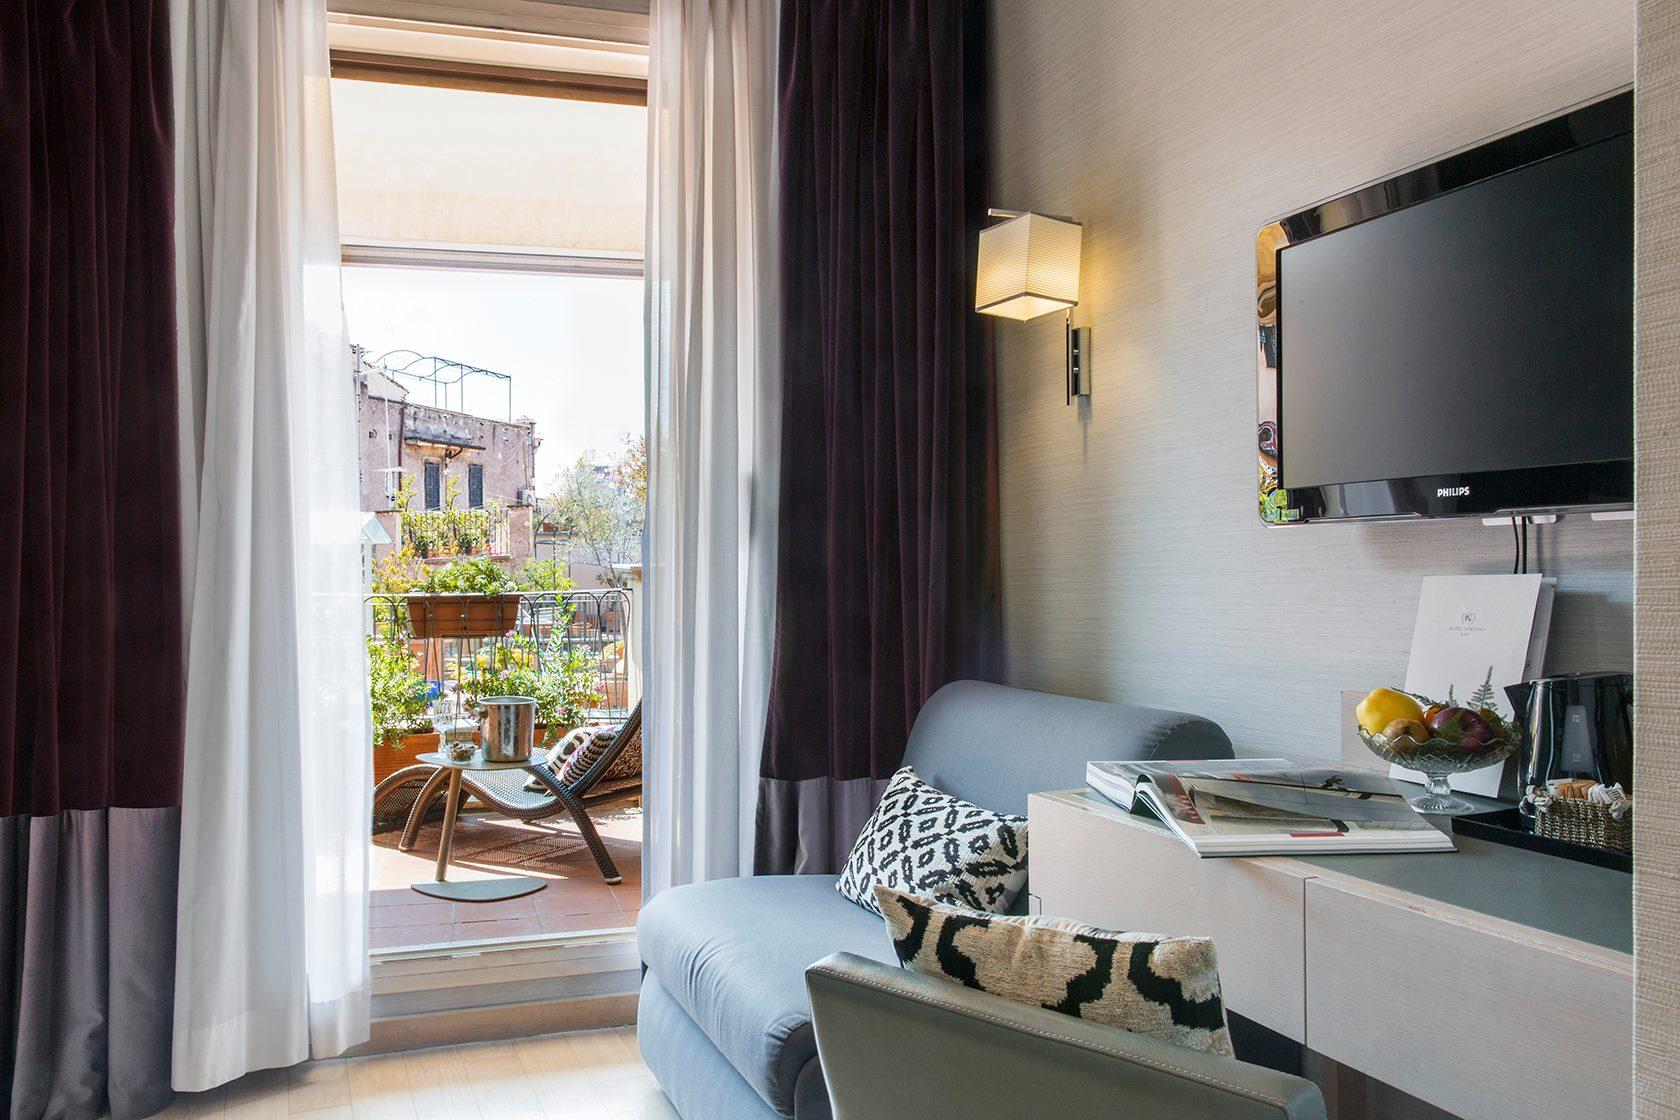 Hotel Adriano Roma, luna de miel en Roma, los mejores hoteles para una luna de miel en Roma - Wedding Hub - 04